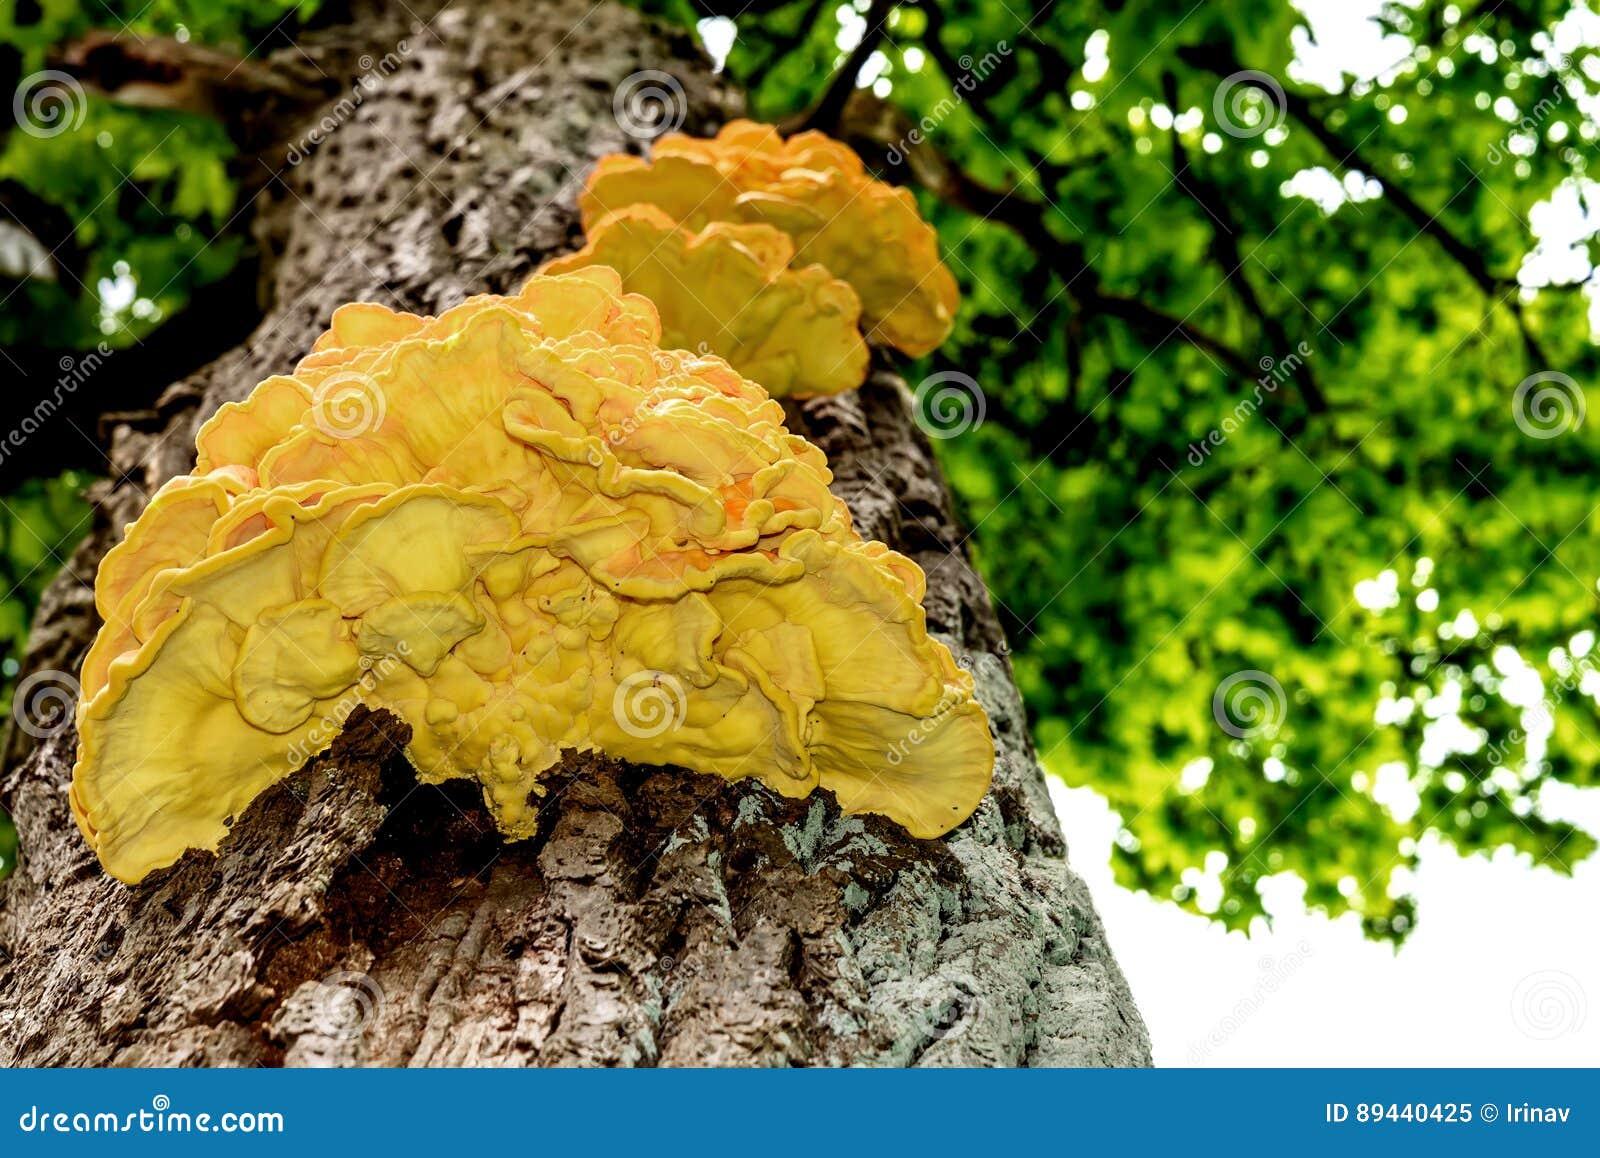 Jaune de tronc d 39 arbre de chaga de champignon image stock - Champignon sur tronc d arbre ...